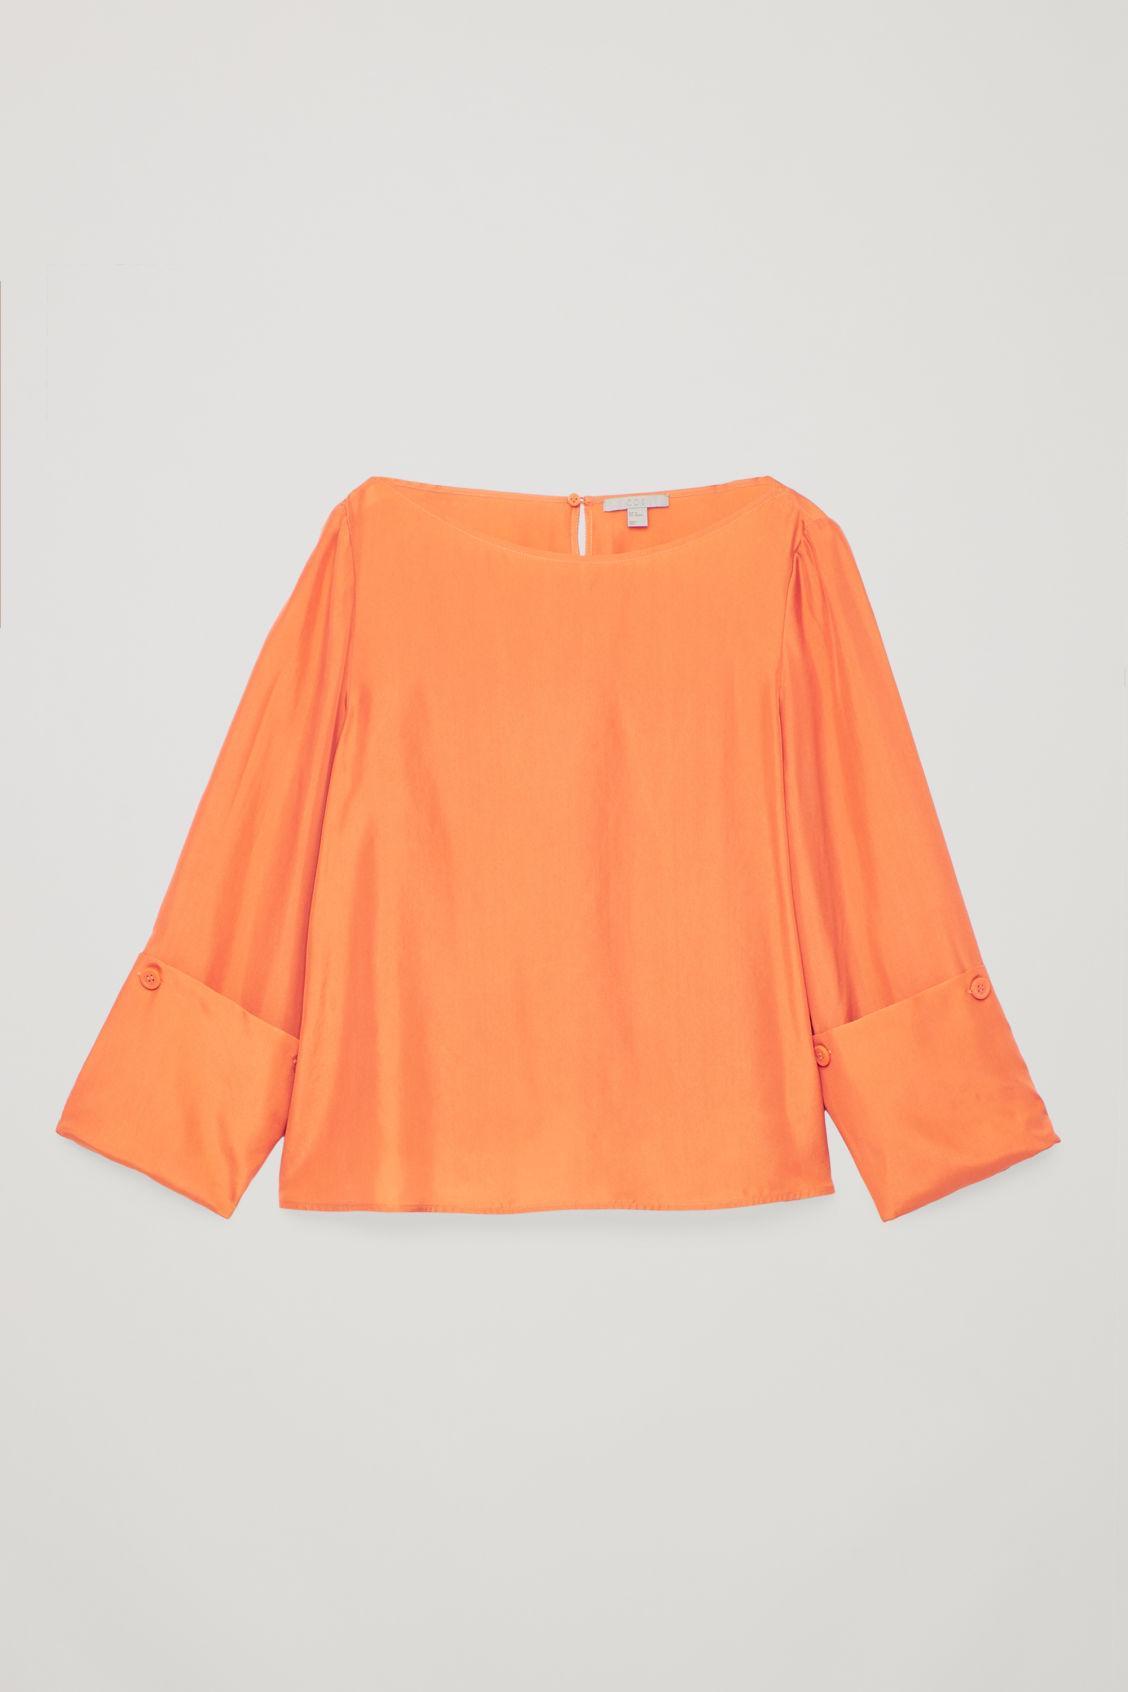 76ba7328925ead Cos Changeable Silk Blouse In Orange